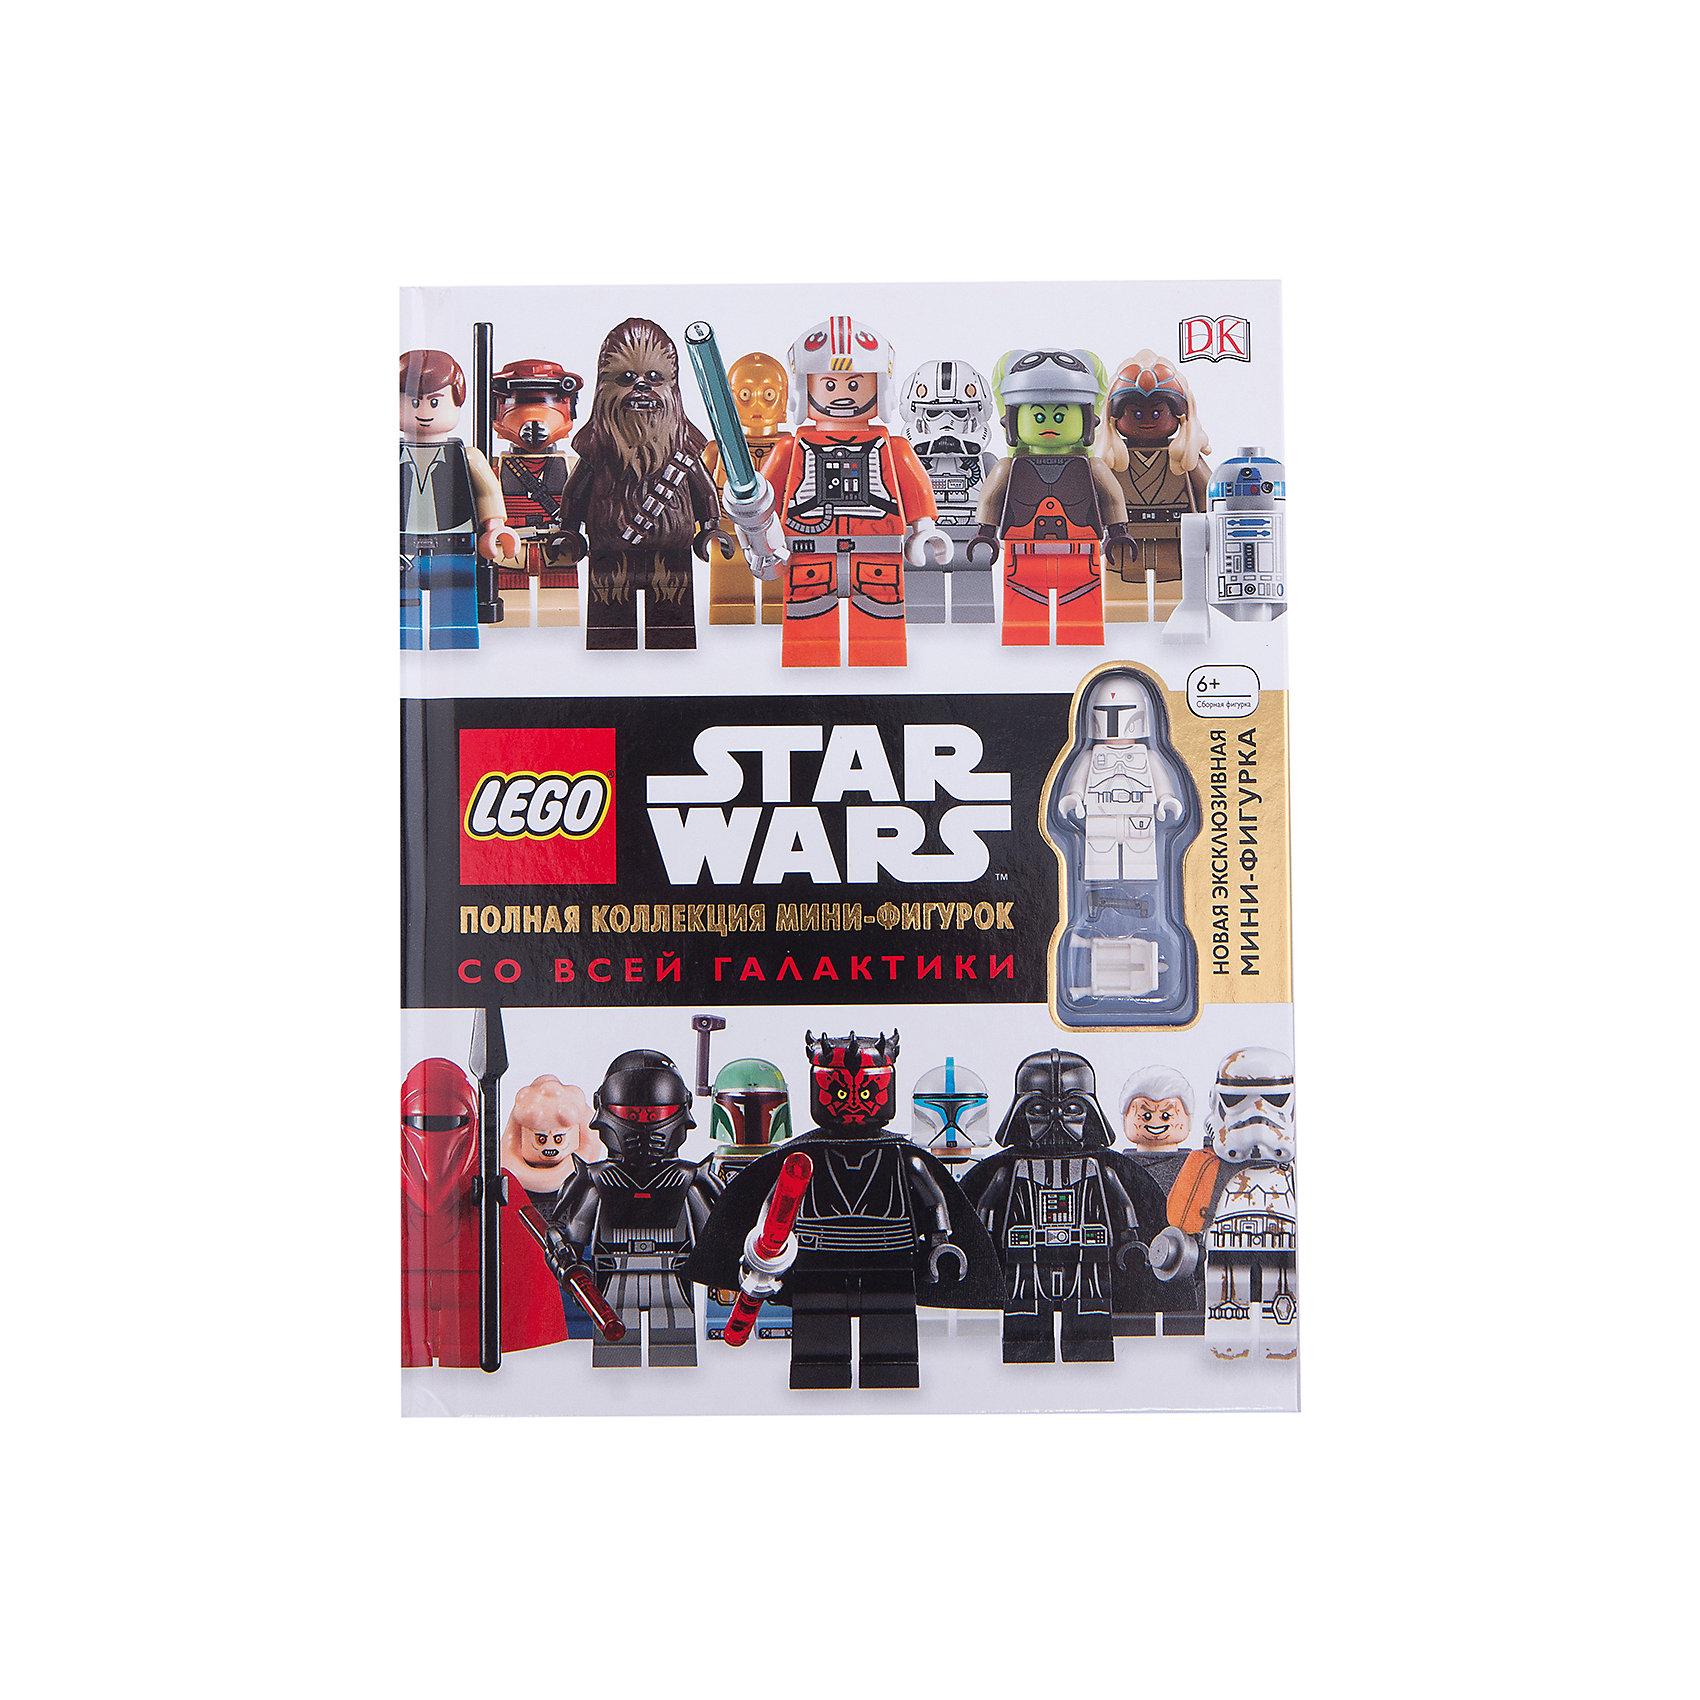 Полная коллекция мини-фигурок со всей галактики, LEGO Star WarsЭнциклопедии для мальчиков<br>Характеристики товара: <br><br>• ISBN: 9785699847570<br>• возраст от: 6 лет<br>• формат: 84x108/16<br>• бумага: мелованная<br>• обложка: твердая<br>• иллюстрации: цветные<br>• серия: LEGO Книги для фанатов<br>• издательство: Эксмо<br>• автор: Долан Ханна, Доусетт Элизабет, Лэст Шери<br>• переводчик: Гахаев Б. С., Зуенко Евгений Иванович, Саломатина Е. И. все<br>• количество страниц: 288<br>• размеры: 26x20 см<br><br>Вселенную LEGO и миры Star Wars обожают многие современные дети. Эта книга поможет снова встретиться с любимыми героями, читая про них.<br><br>Отличное качество печати, красочные иллюстрации, интересные факты - всё это поможет проникнуться атмосферой любимой вселенной.<br><br>«Полная коллекция мини-фигурок со всей галактики, LEGO Star Wars» можно купить в нашем интернет-магазине.<br><br>Ширина мм: 280<br>Глубина мм: 210<br>Высота мм: 300<br>Вес г: 1118<br>Возраст от месяцев: 72<br>Возраст до месяцев: 2147483647<br>Пол: Унисекс<br>Возраст: Детский<br>SKU: 5535454